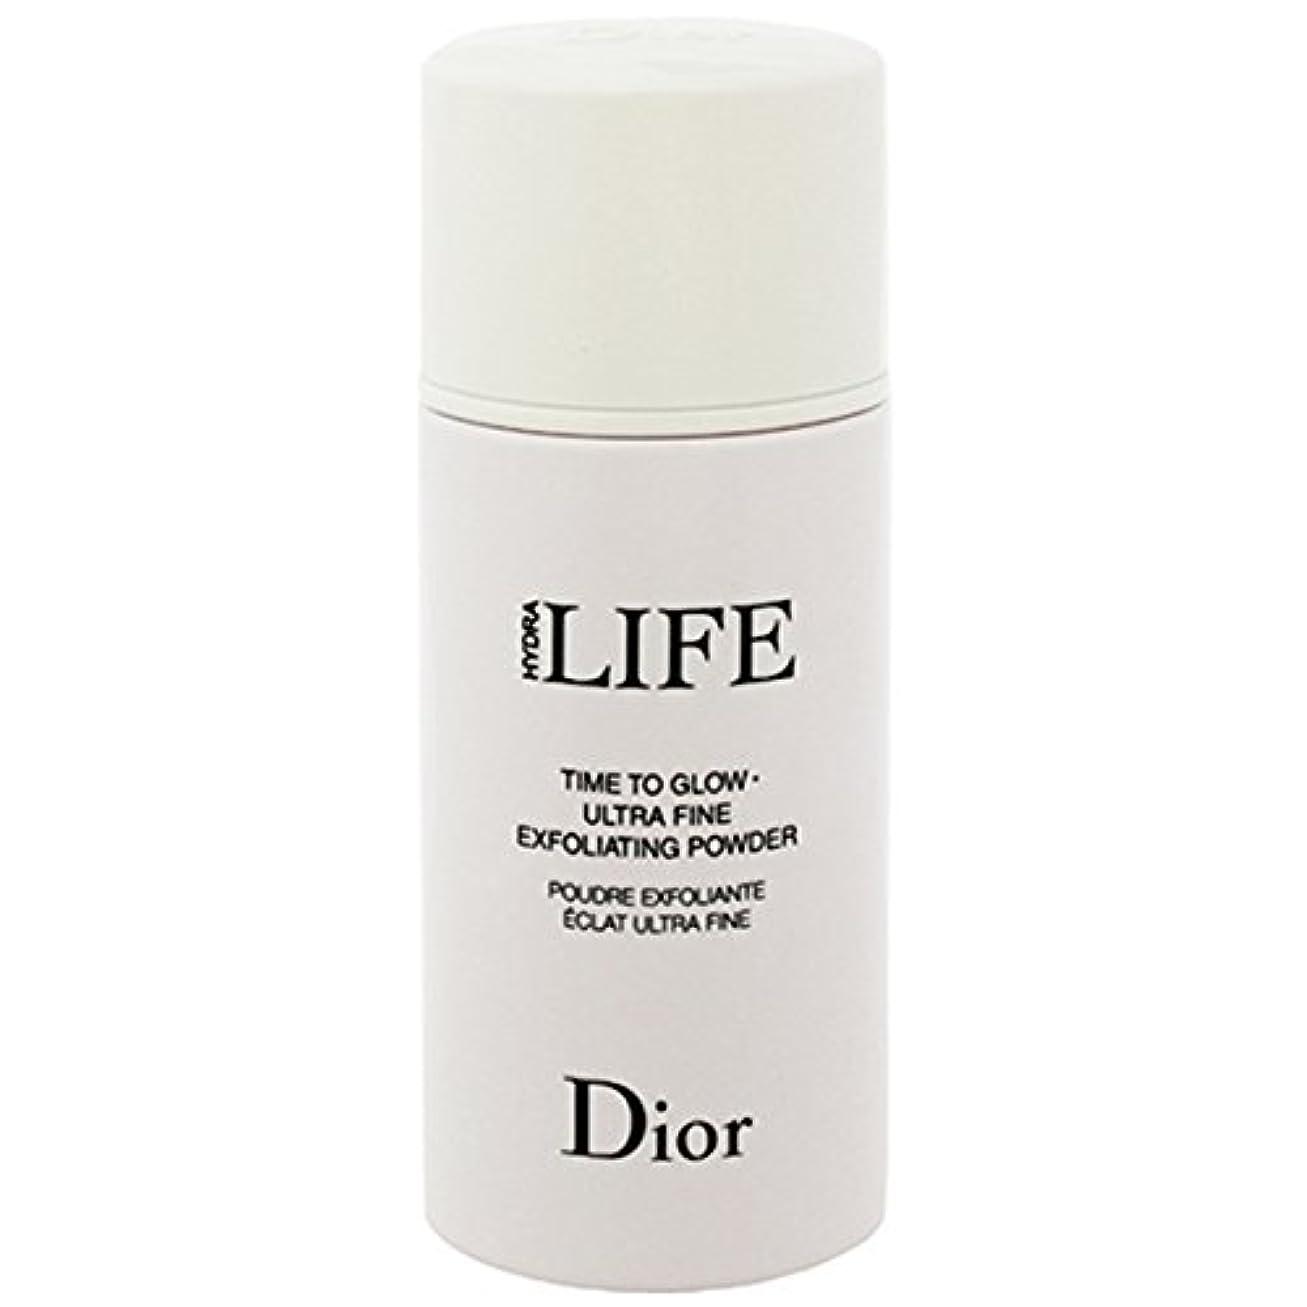 接ぎ木シャワー必需品クリスチャンディオール Christian Dior ライフ ポリッシュ パウダー 40g 【並行輸入品】